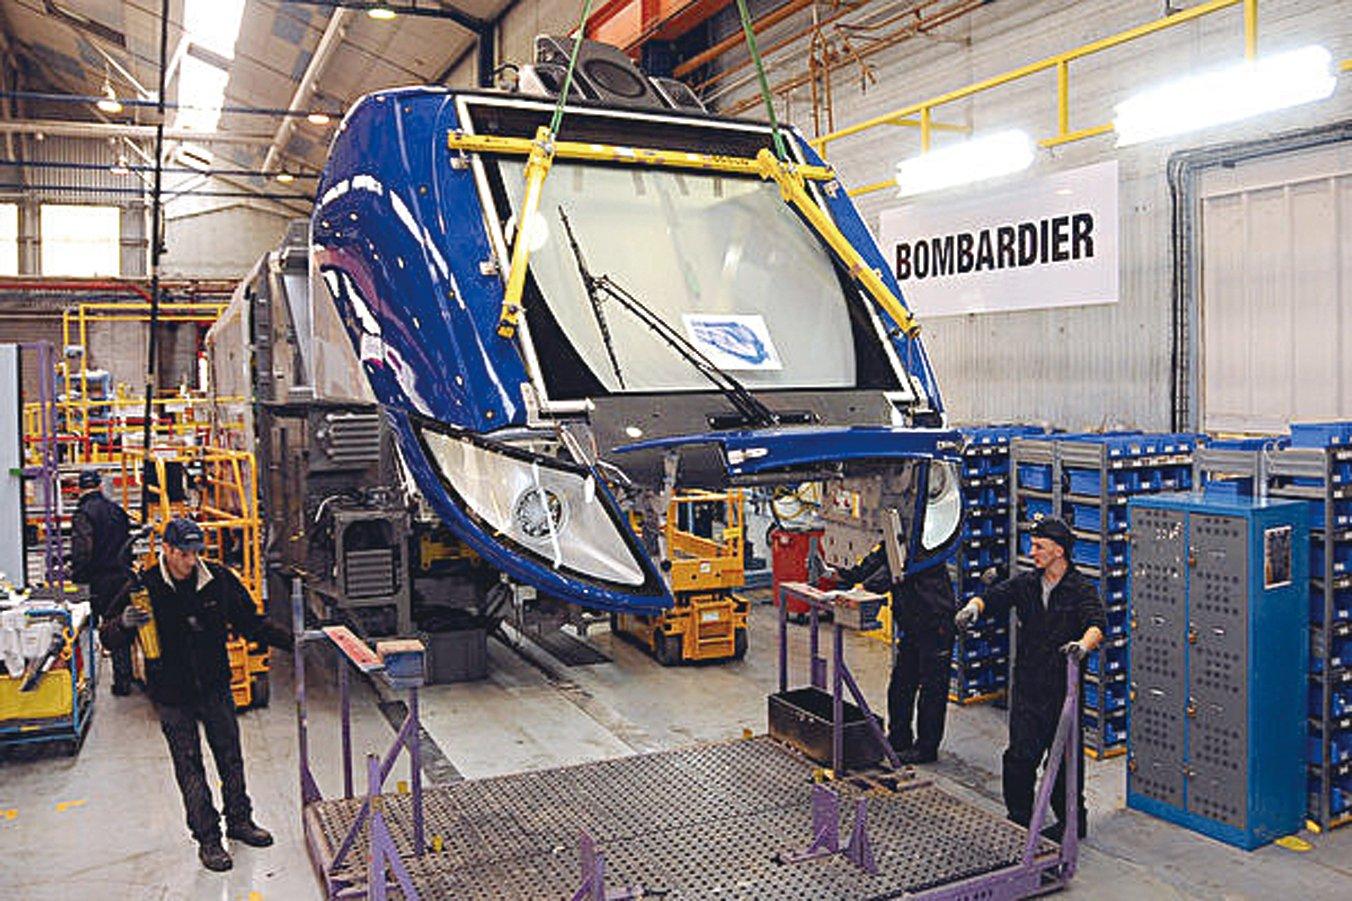 中國中車「拉郎配」,競標紐約大都會捷運署地鐵列車項目,受合作方加拿大龐巴迪拖累,被曝提前出局,從大熱門變大冷門。(Getty Images)